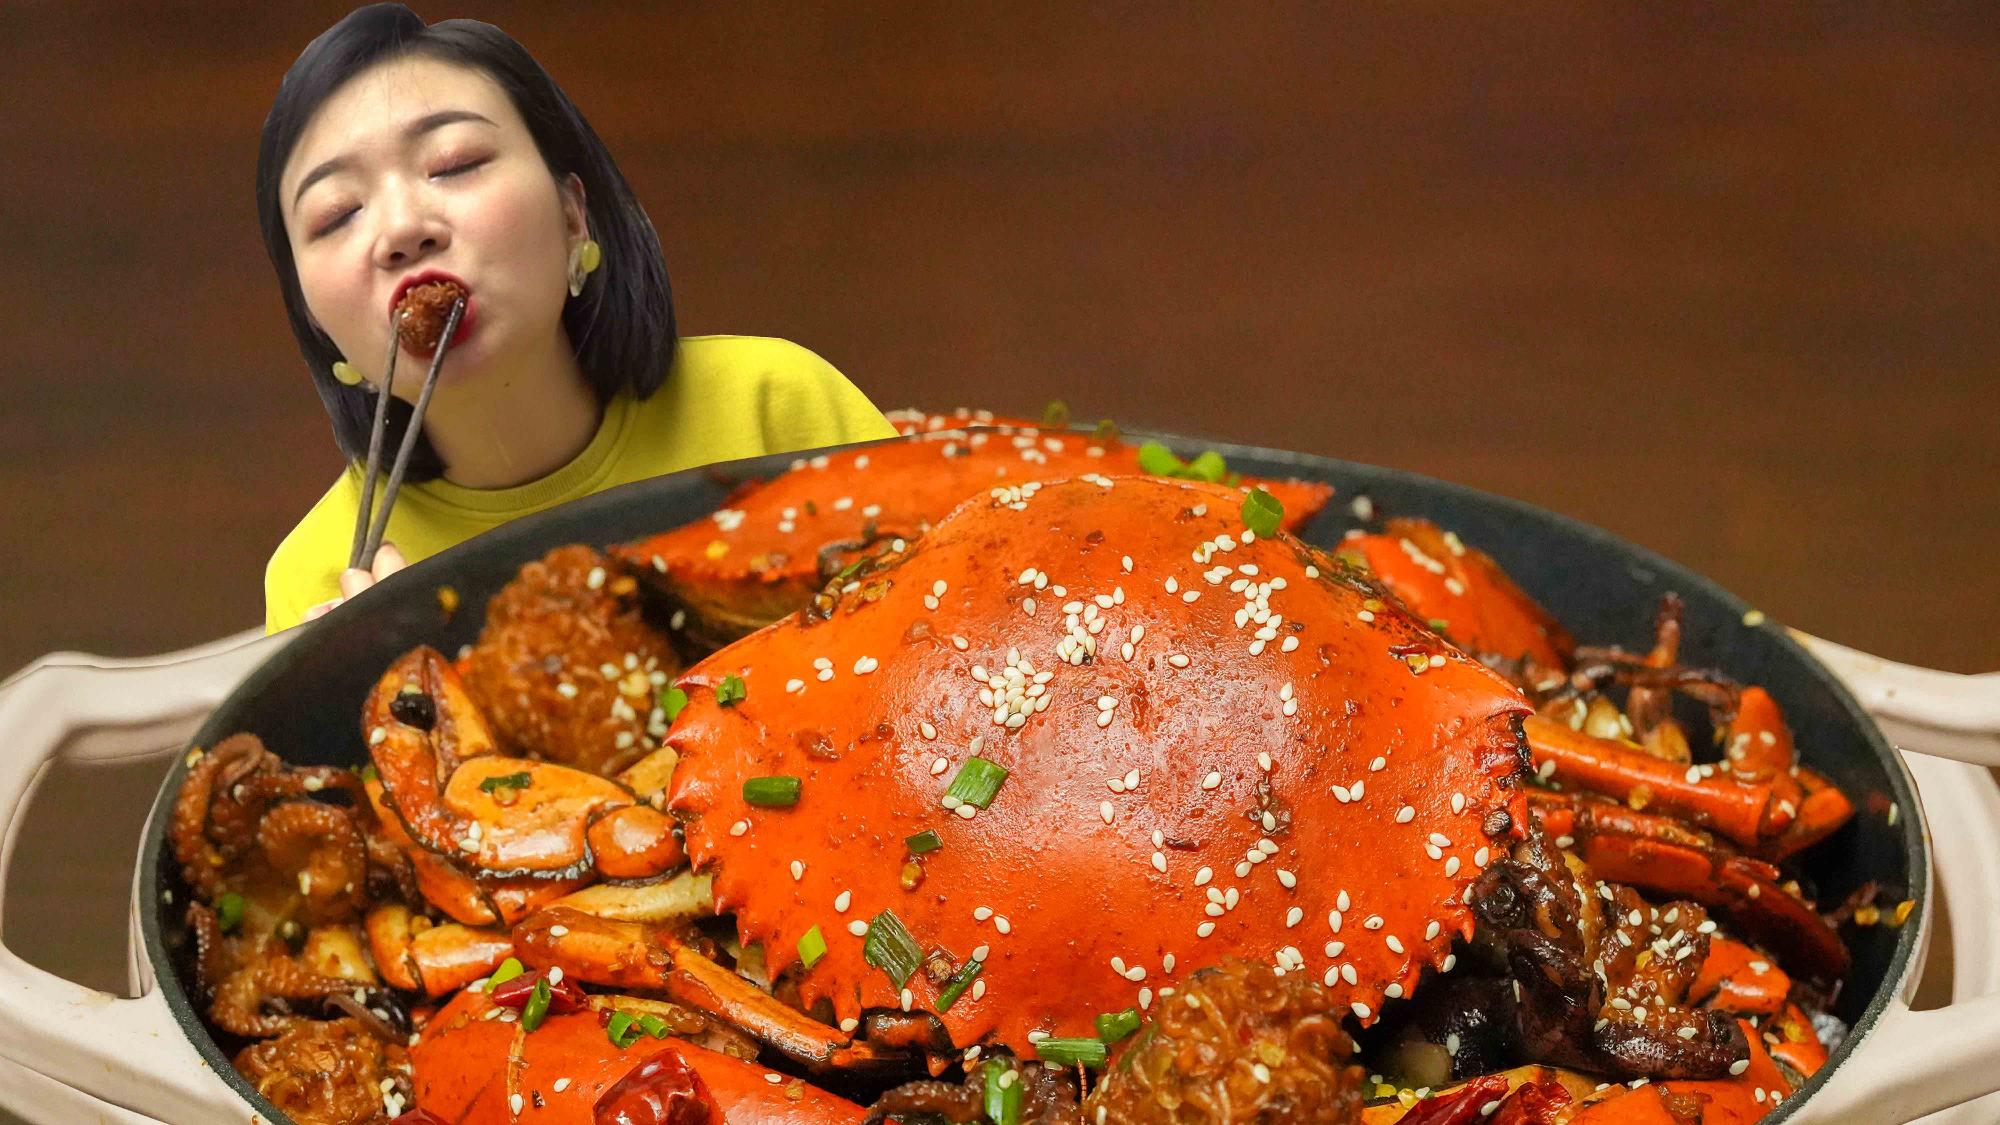 用2元泡面自制500元海鲜泡面干锅,辣椒竟然比螃蟹还多?